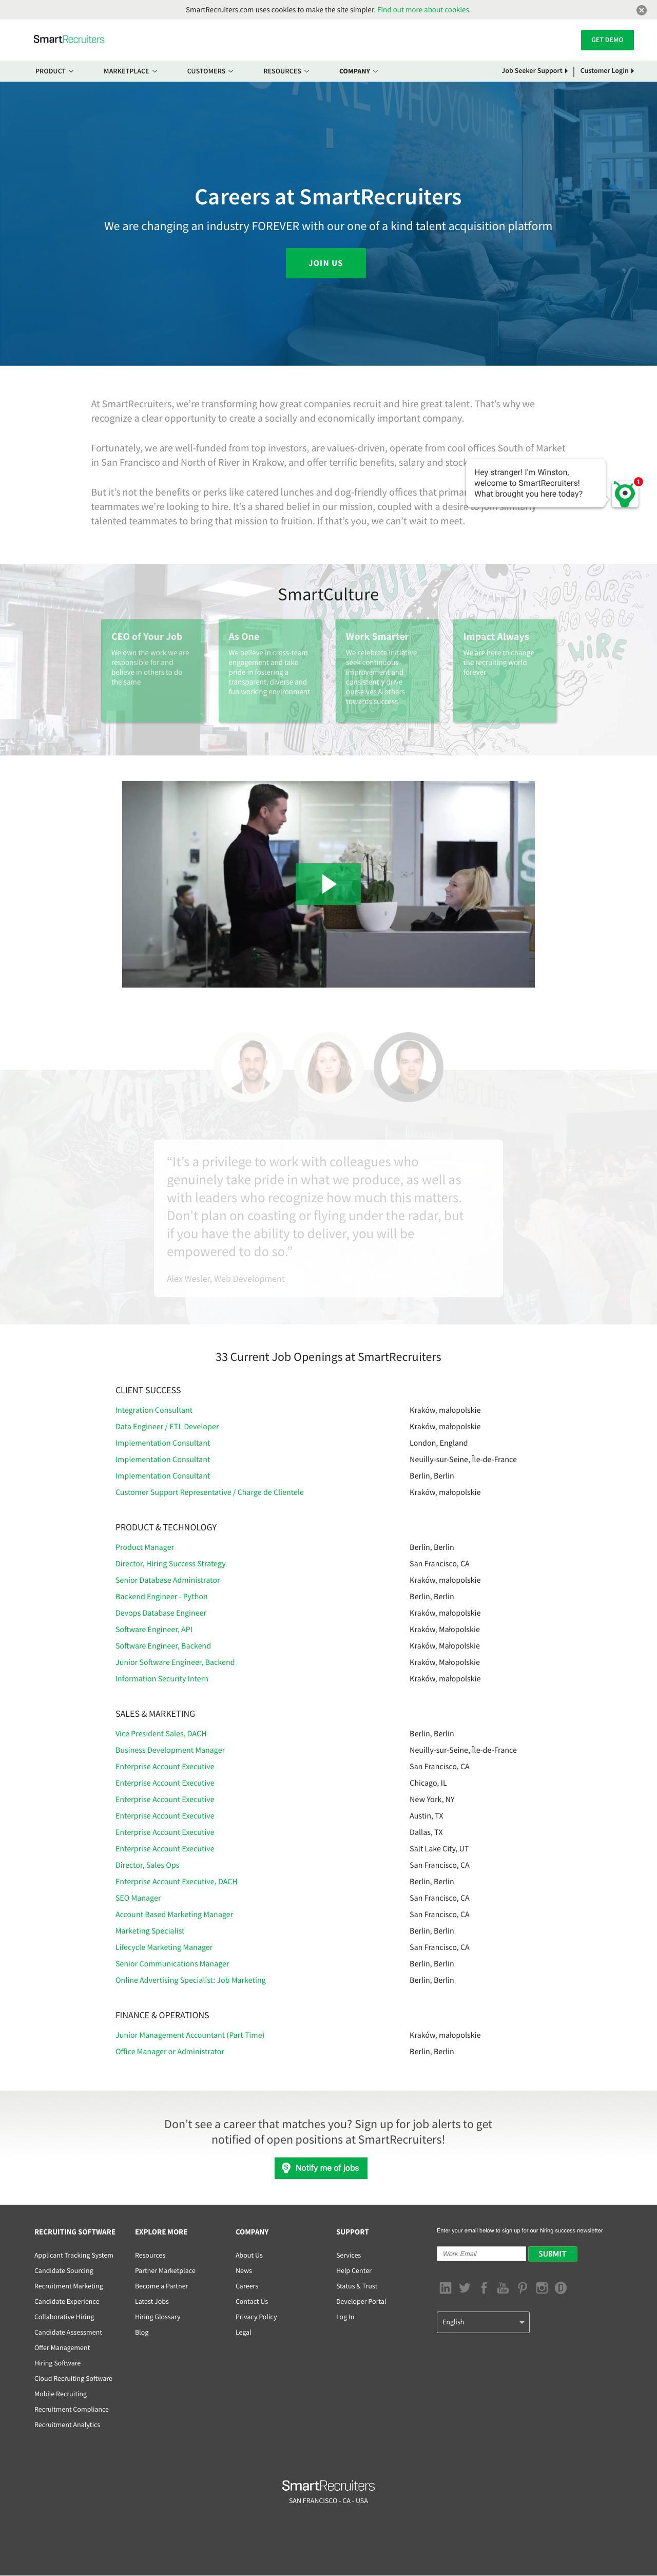 Screenshot of smartrecruiters.com - Careers | SmartRecruiters - captured Oct. 17, 2018